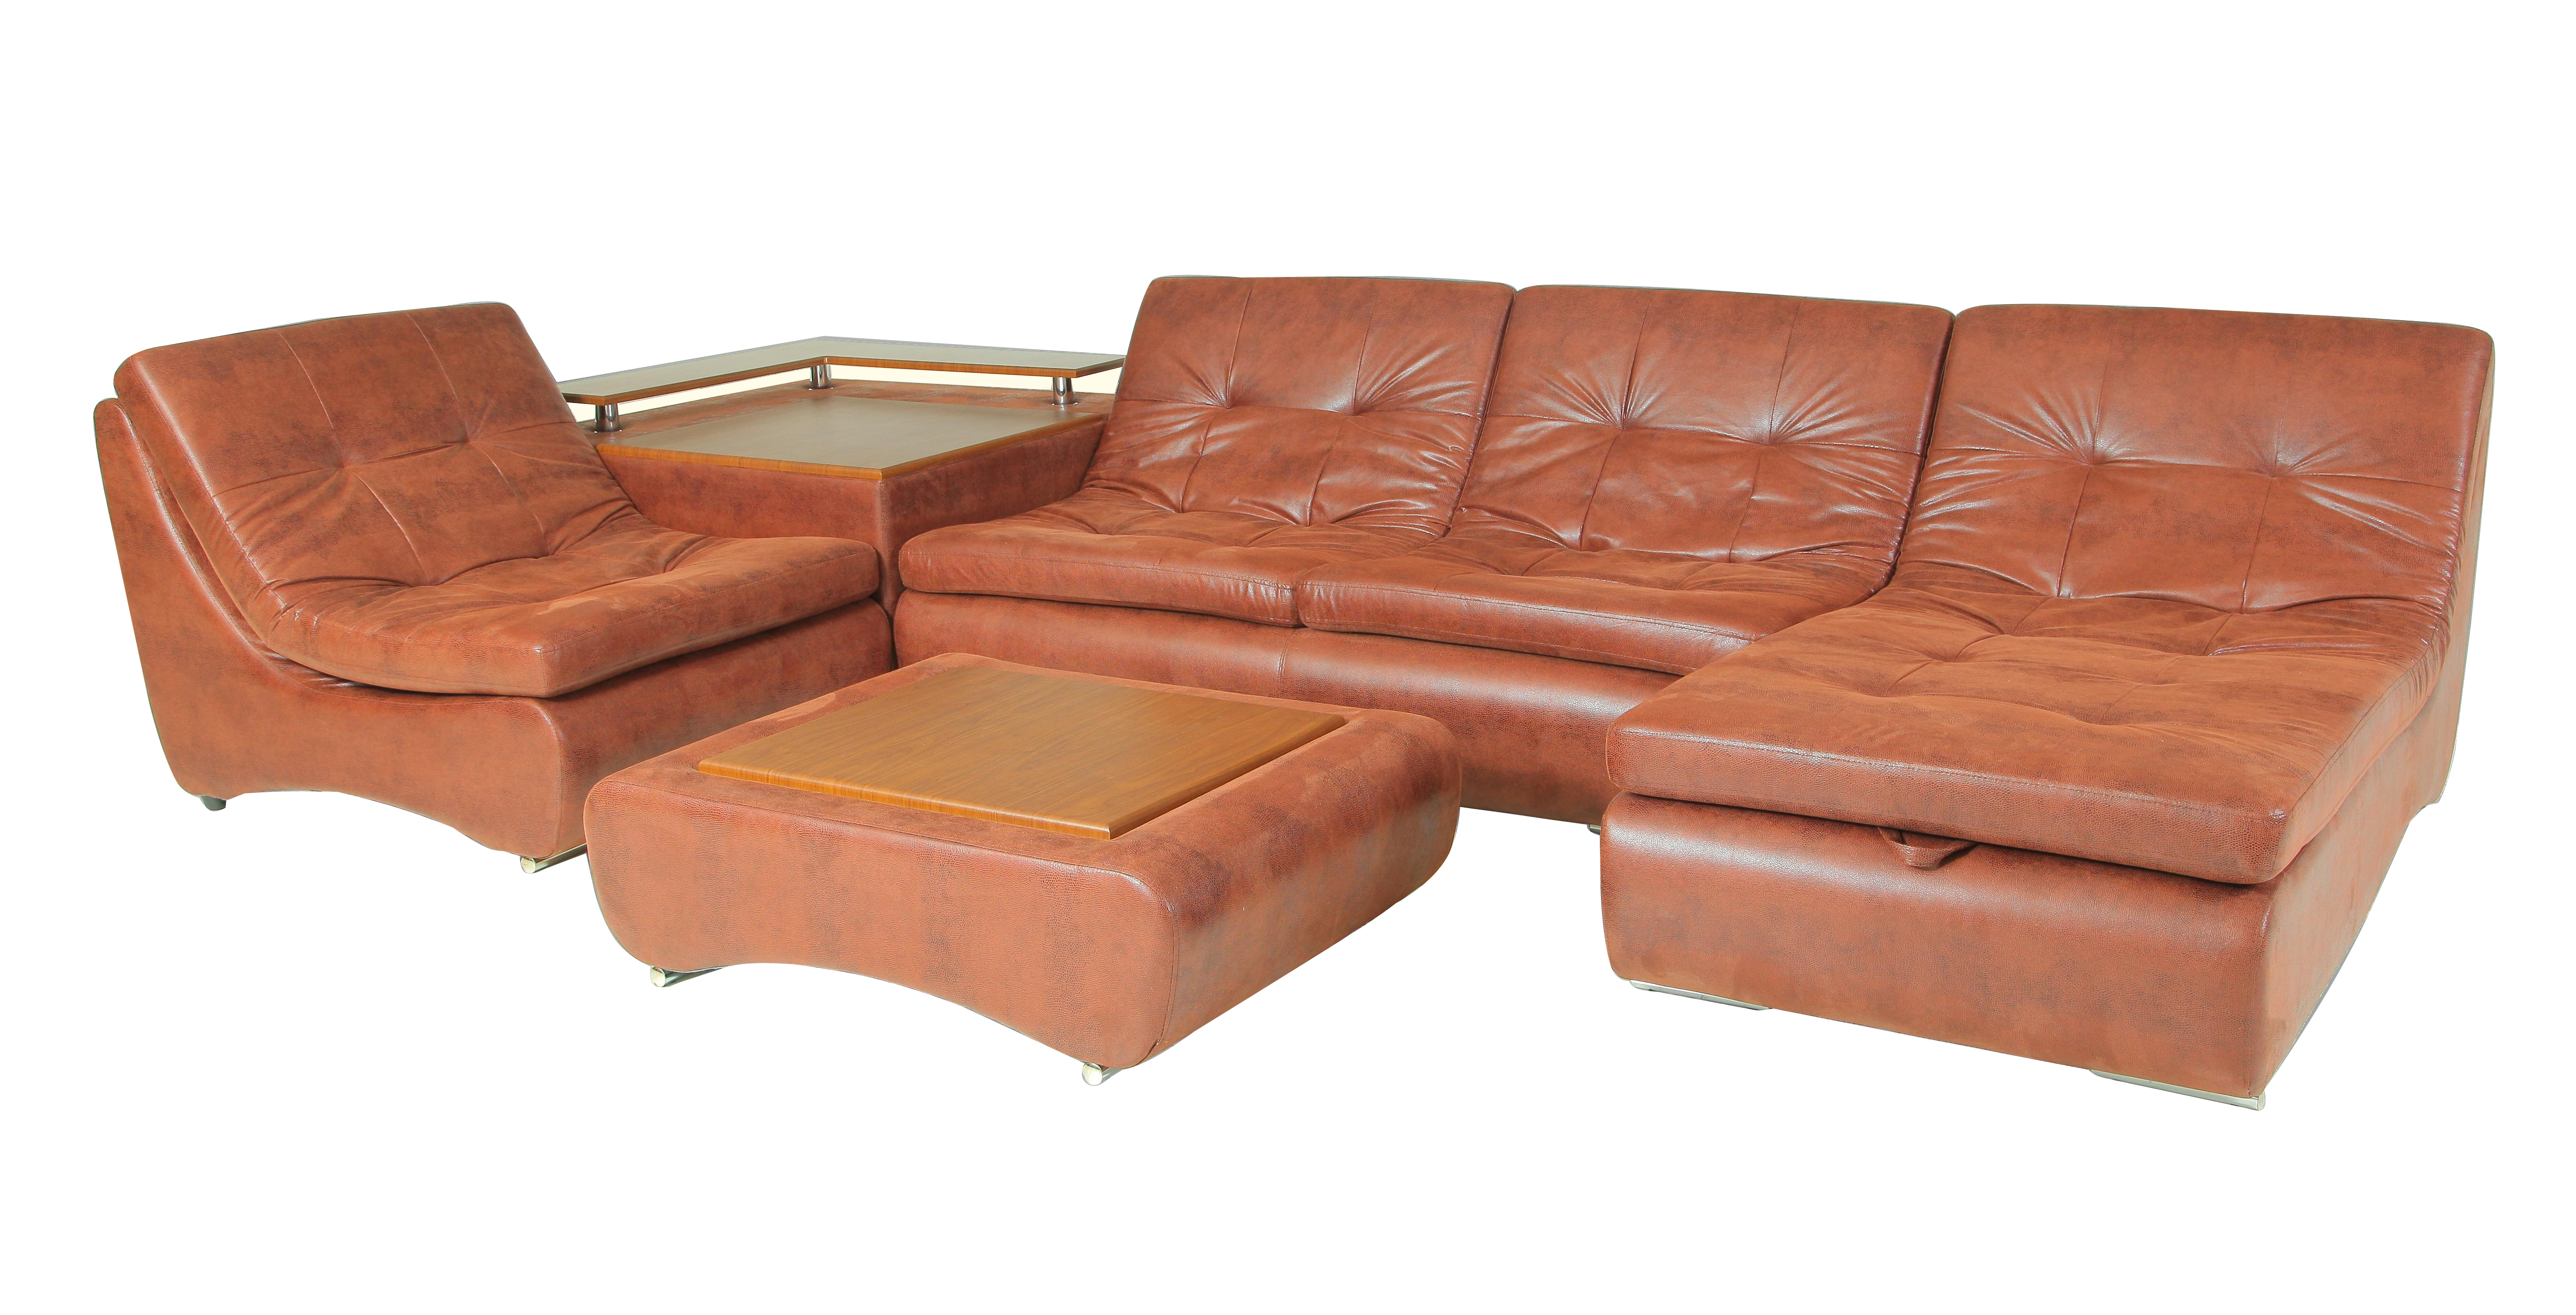 Угловой модульный диван Монреаль-6 канапе диван ру монреаль velvet marengo